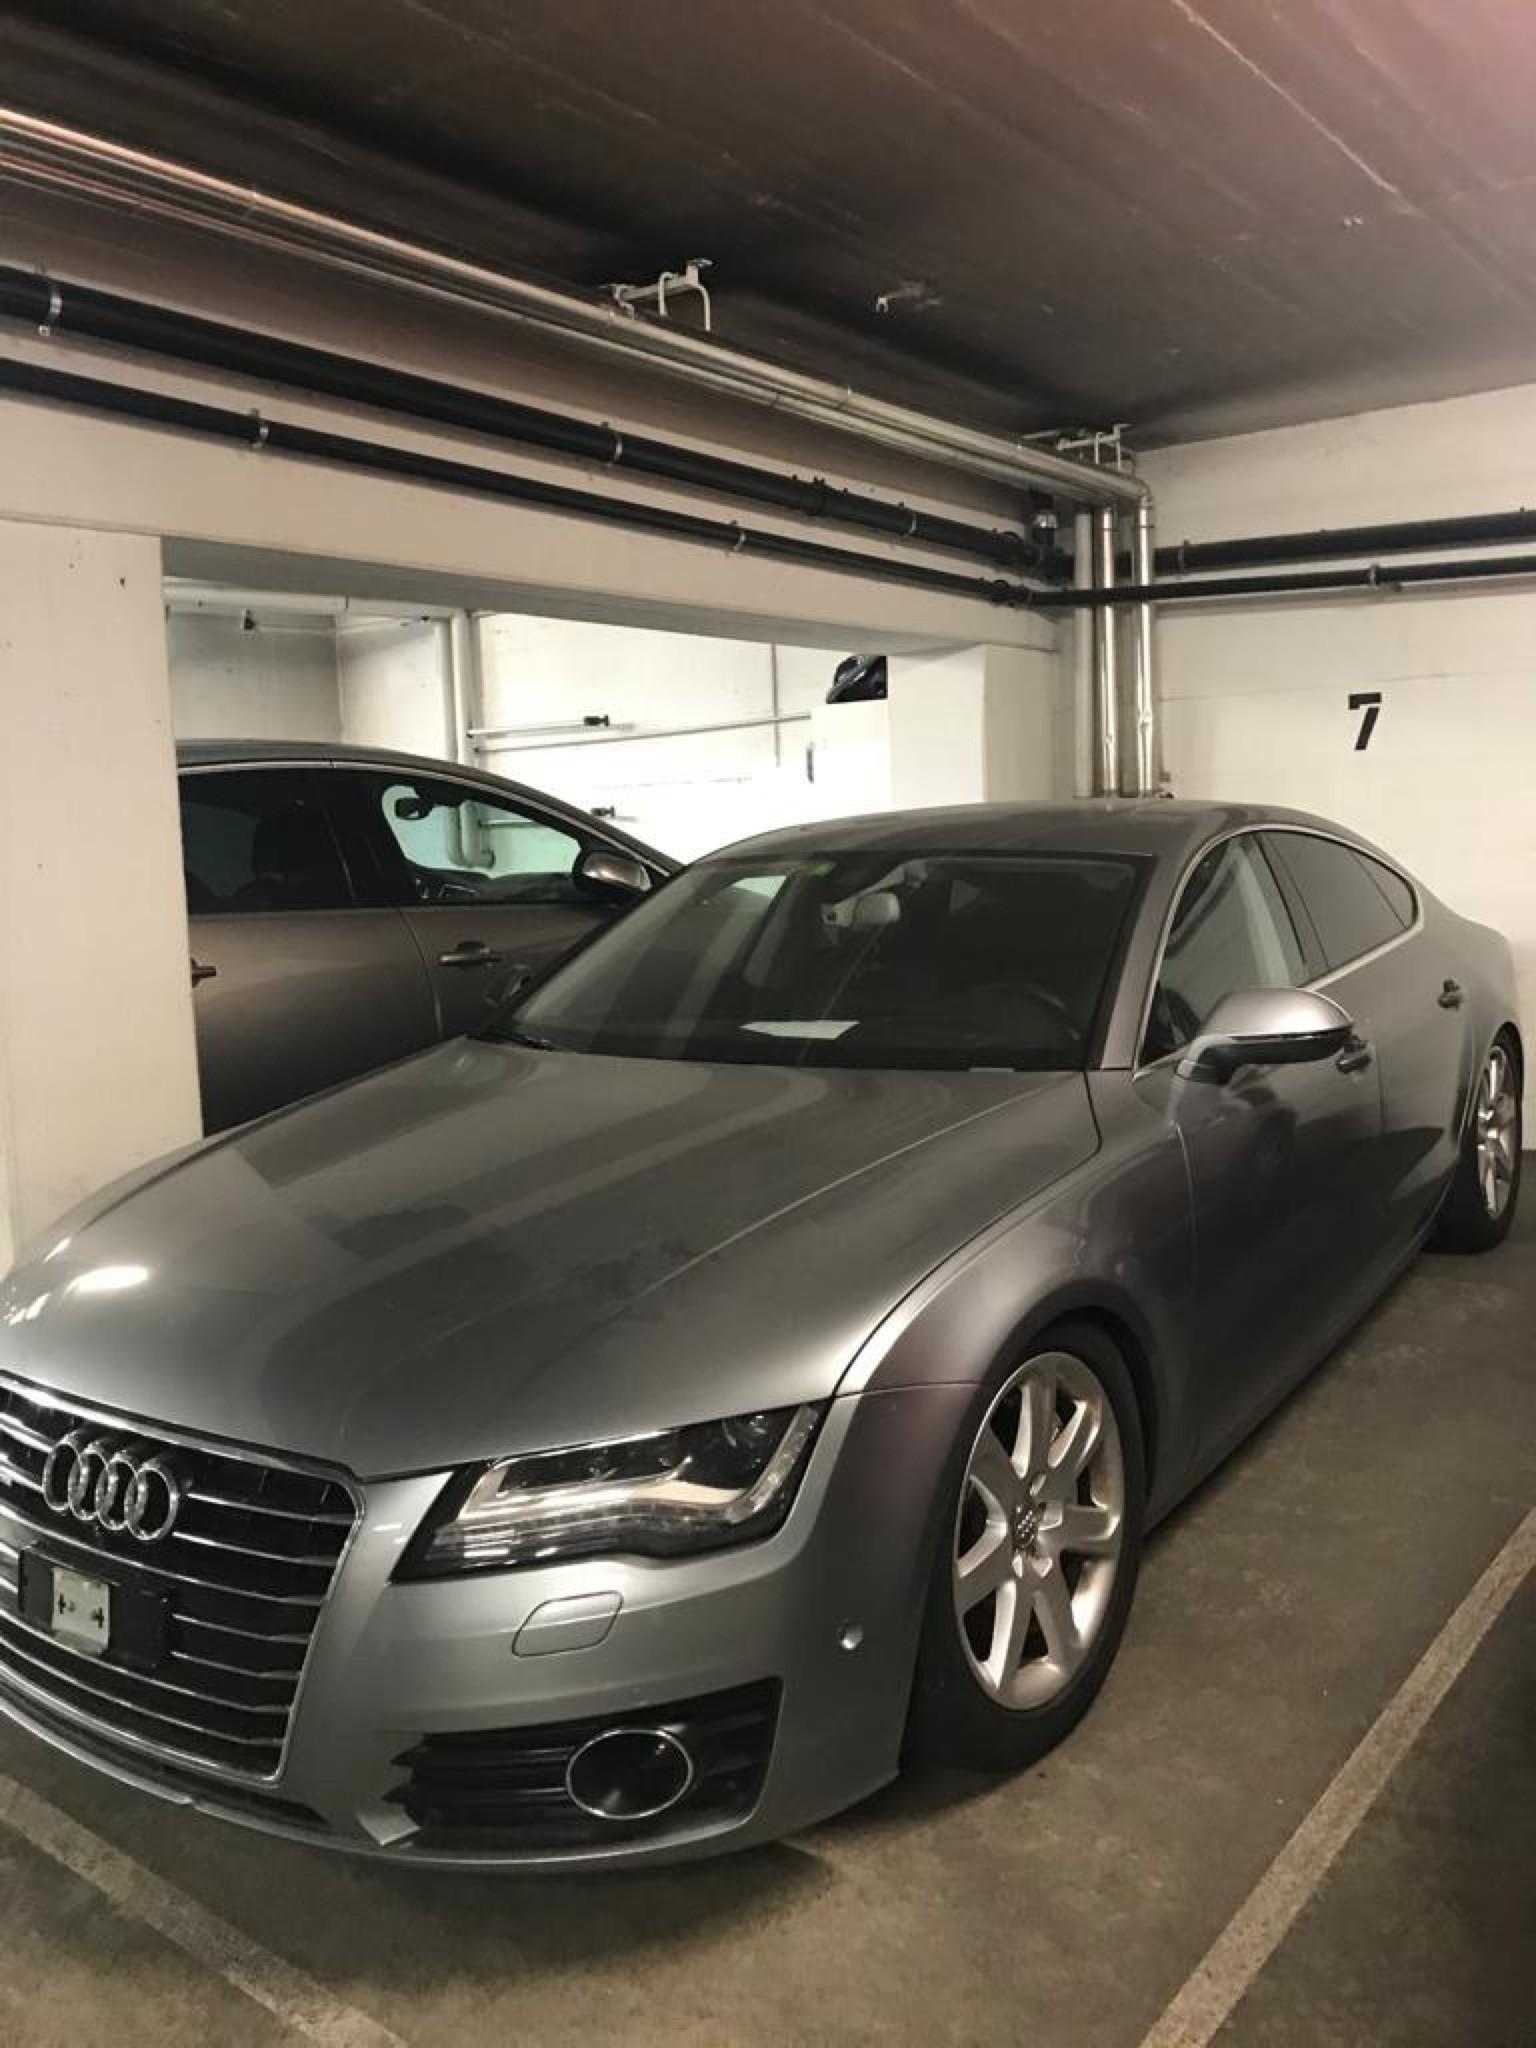 saloon Audi A7 Sportback Limusine